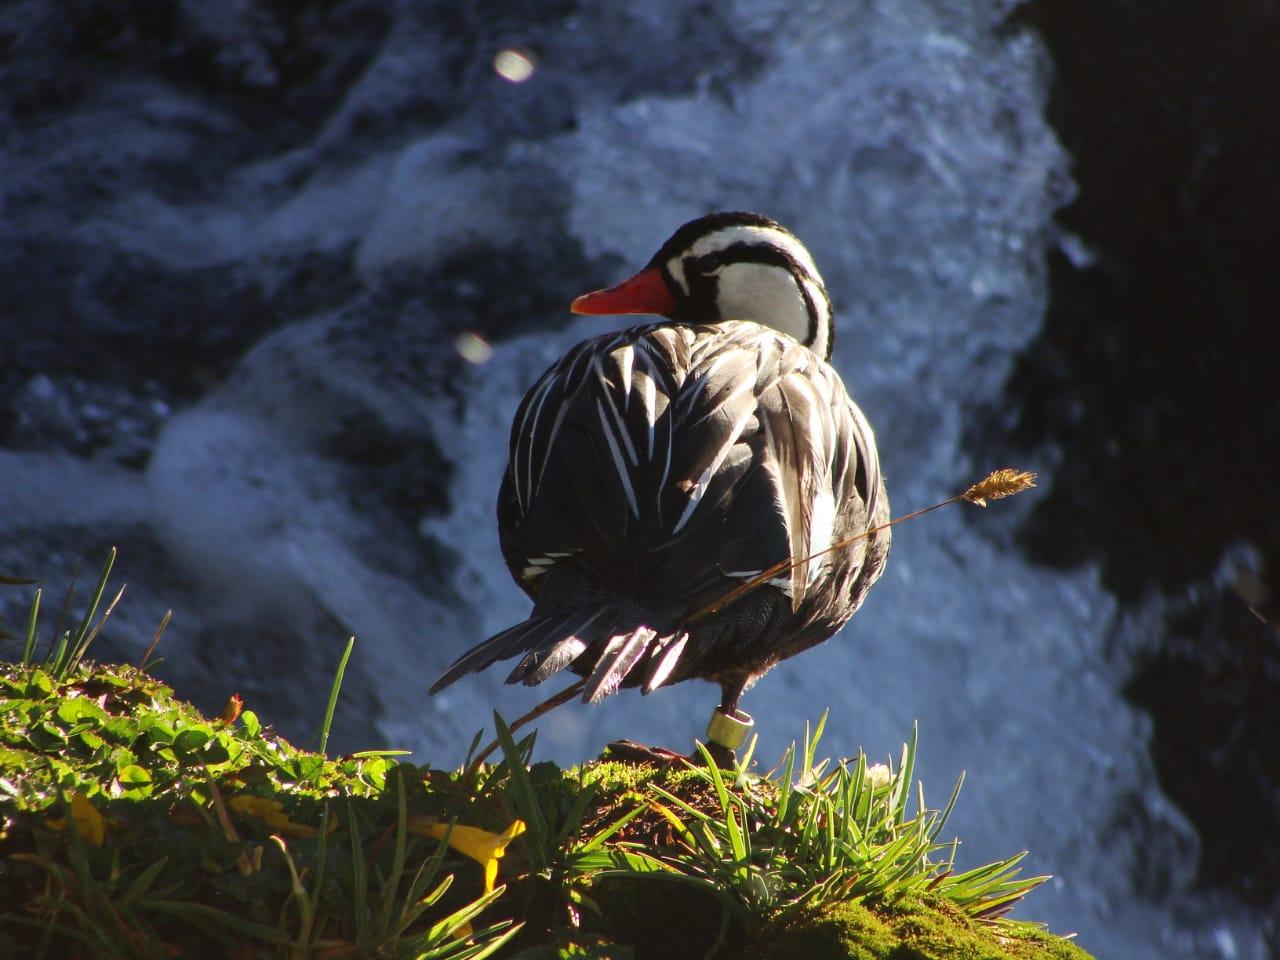 Ambientalistas denuncian que las obra ponen riesgo un ave que pertenece a una especie protegida.